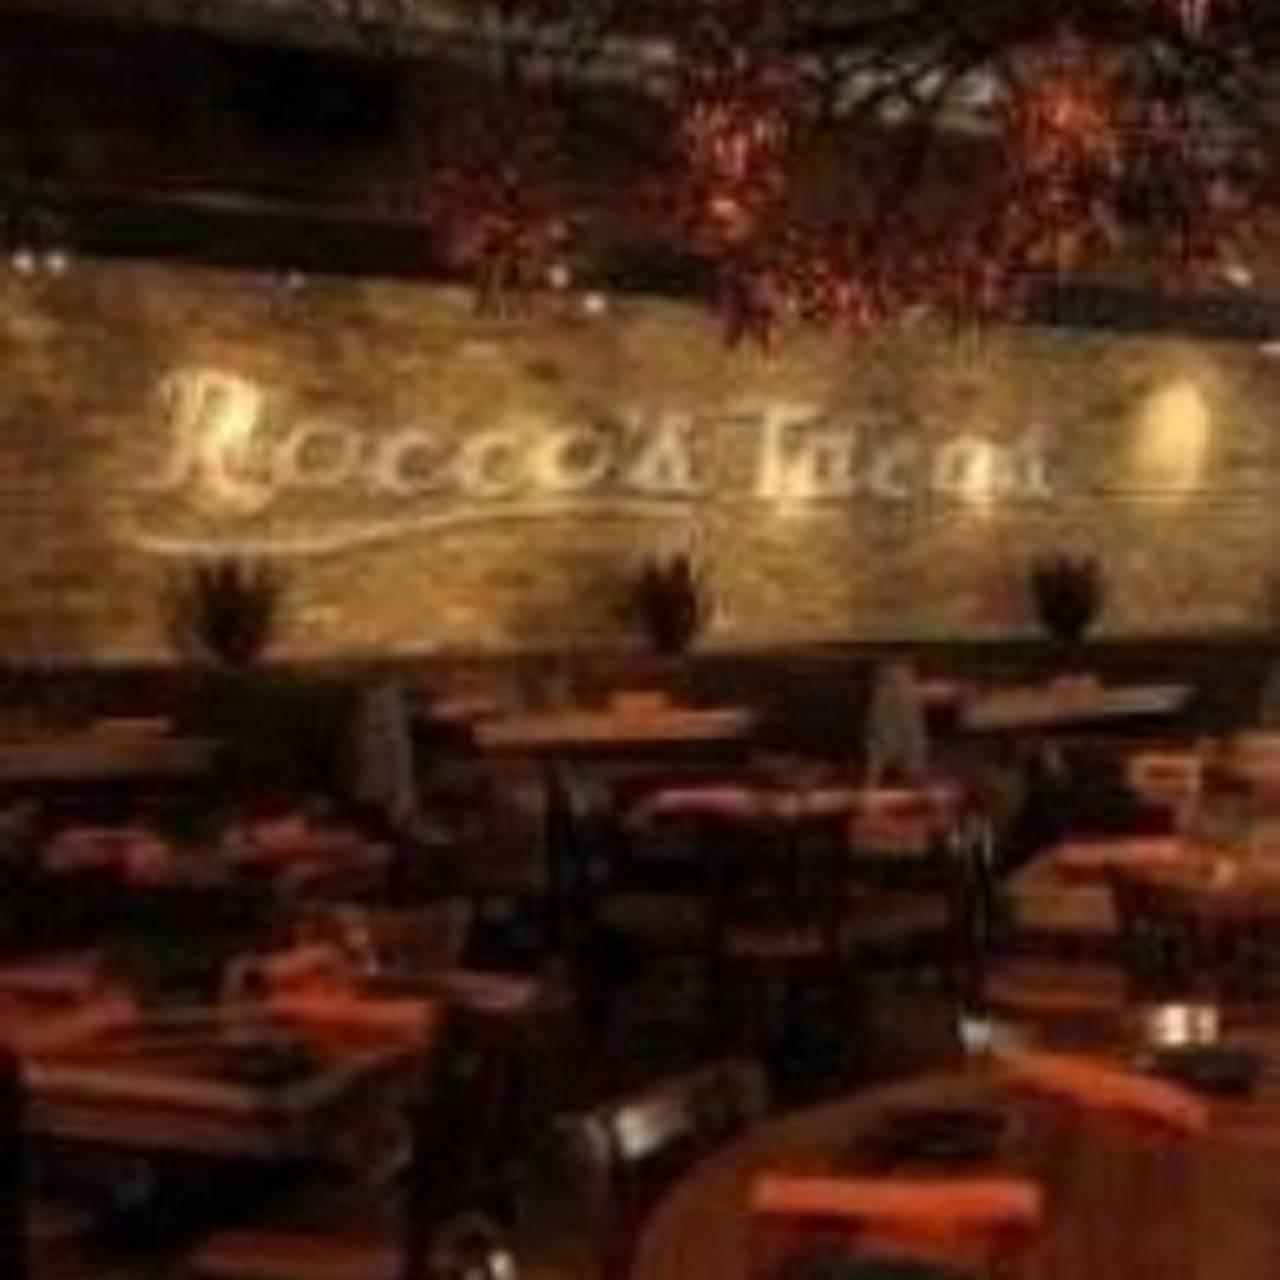 Rocco S Tacos Tequila Bar Orlando Fl